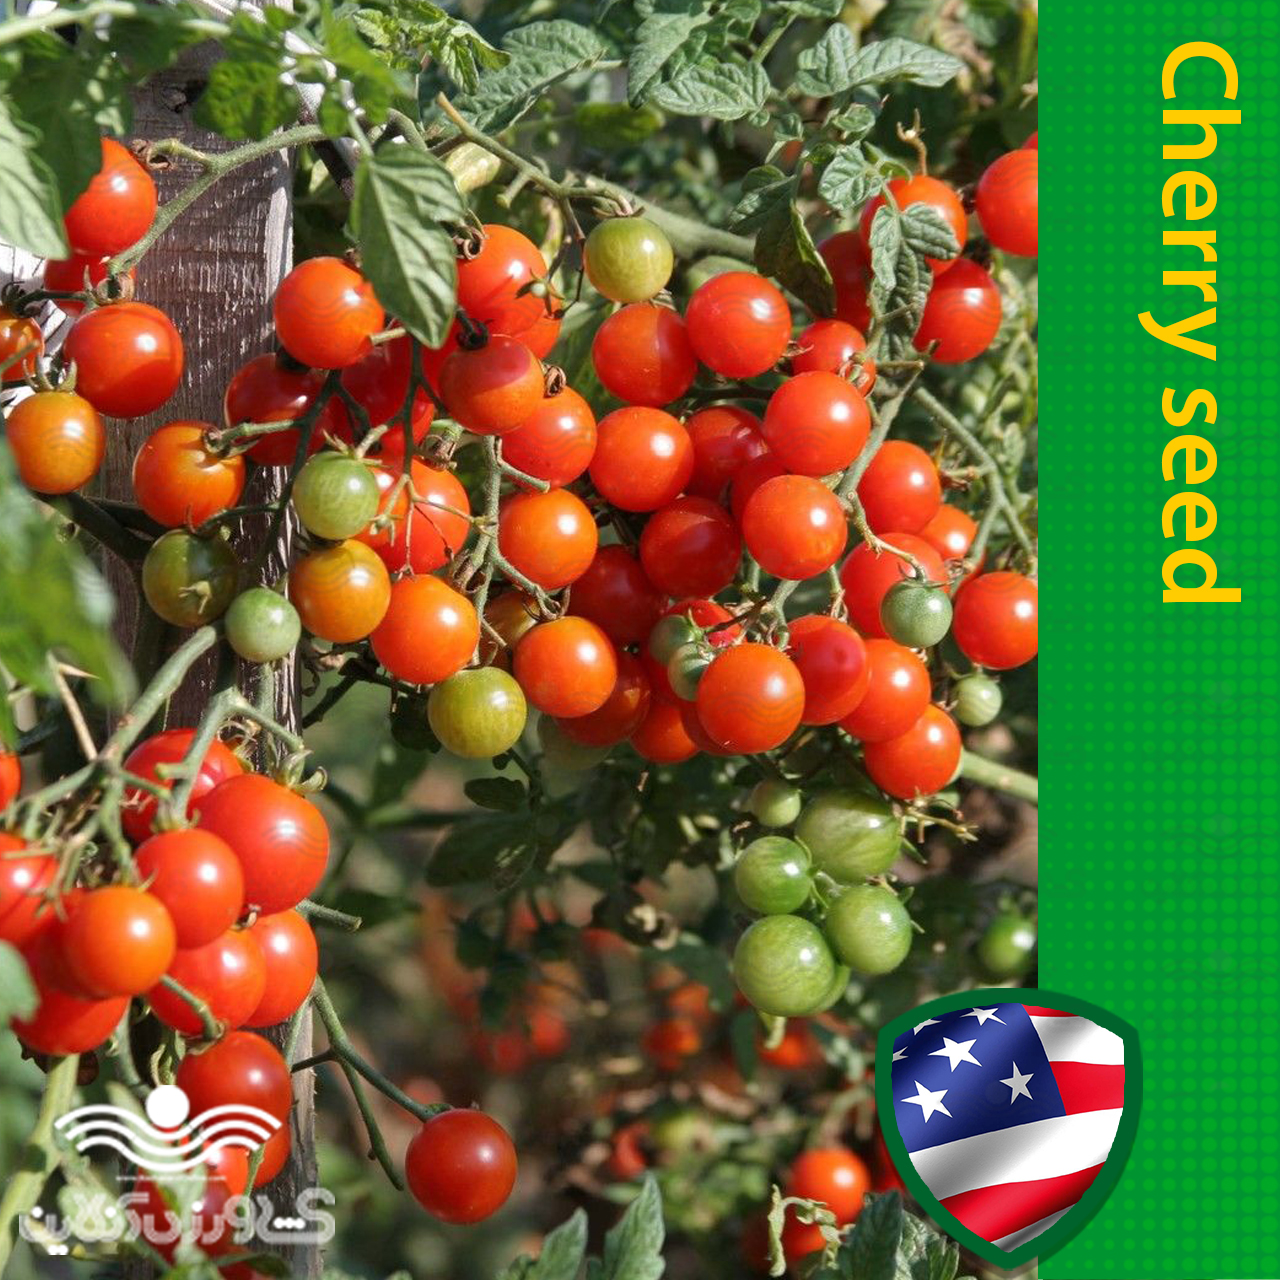 بذر گوجه چری گیلاسی درختی